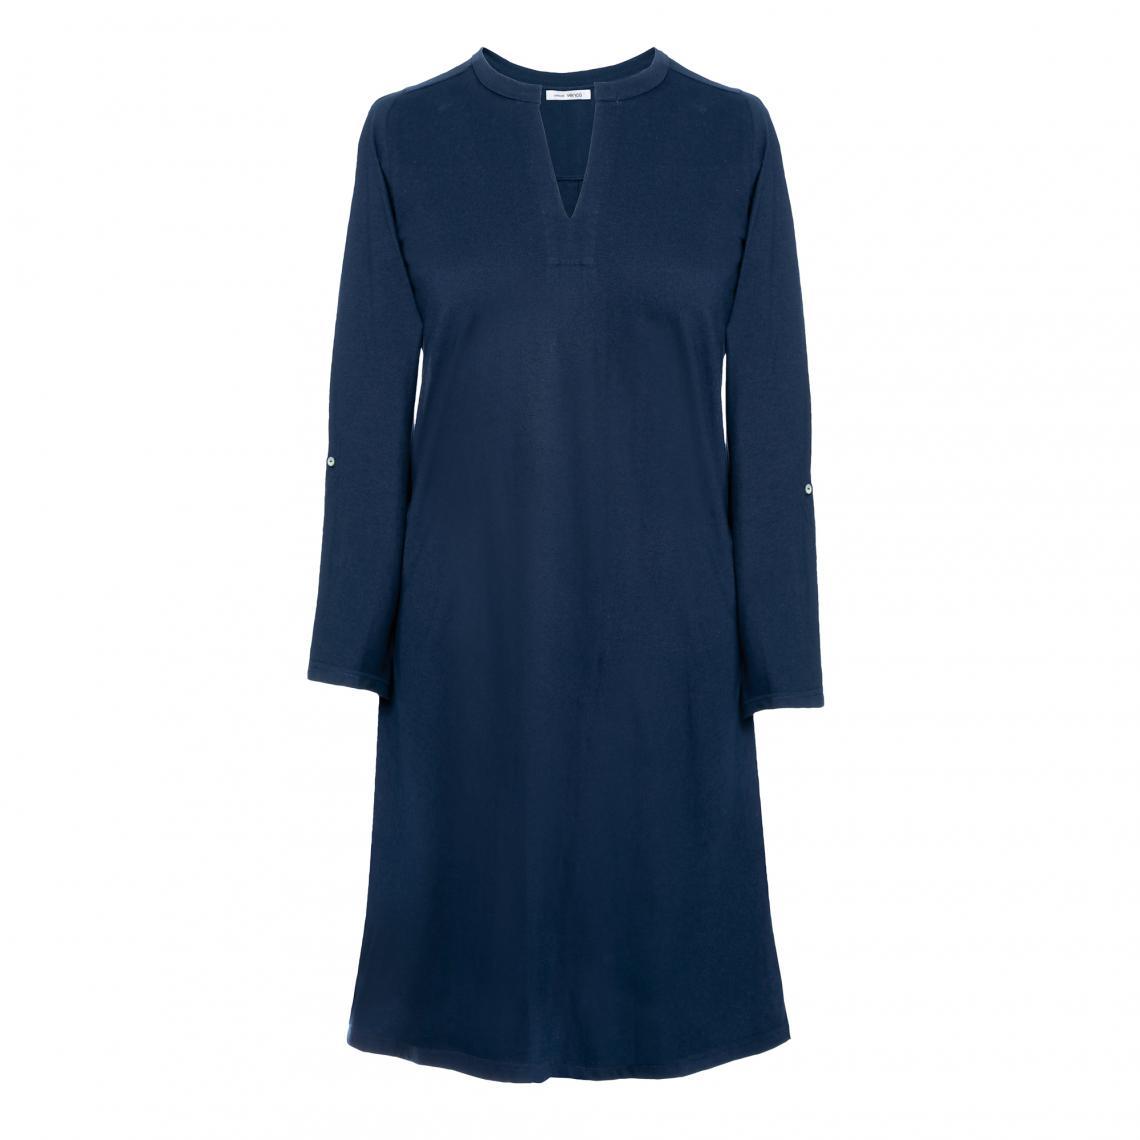 Col Manches Femme Longues Courte V Bleu3 Robe Suisses Fendue xWdoEQBrCe